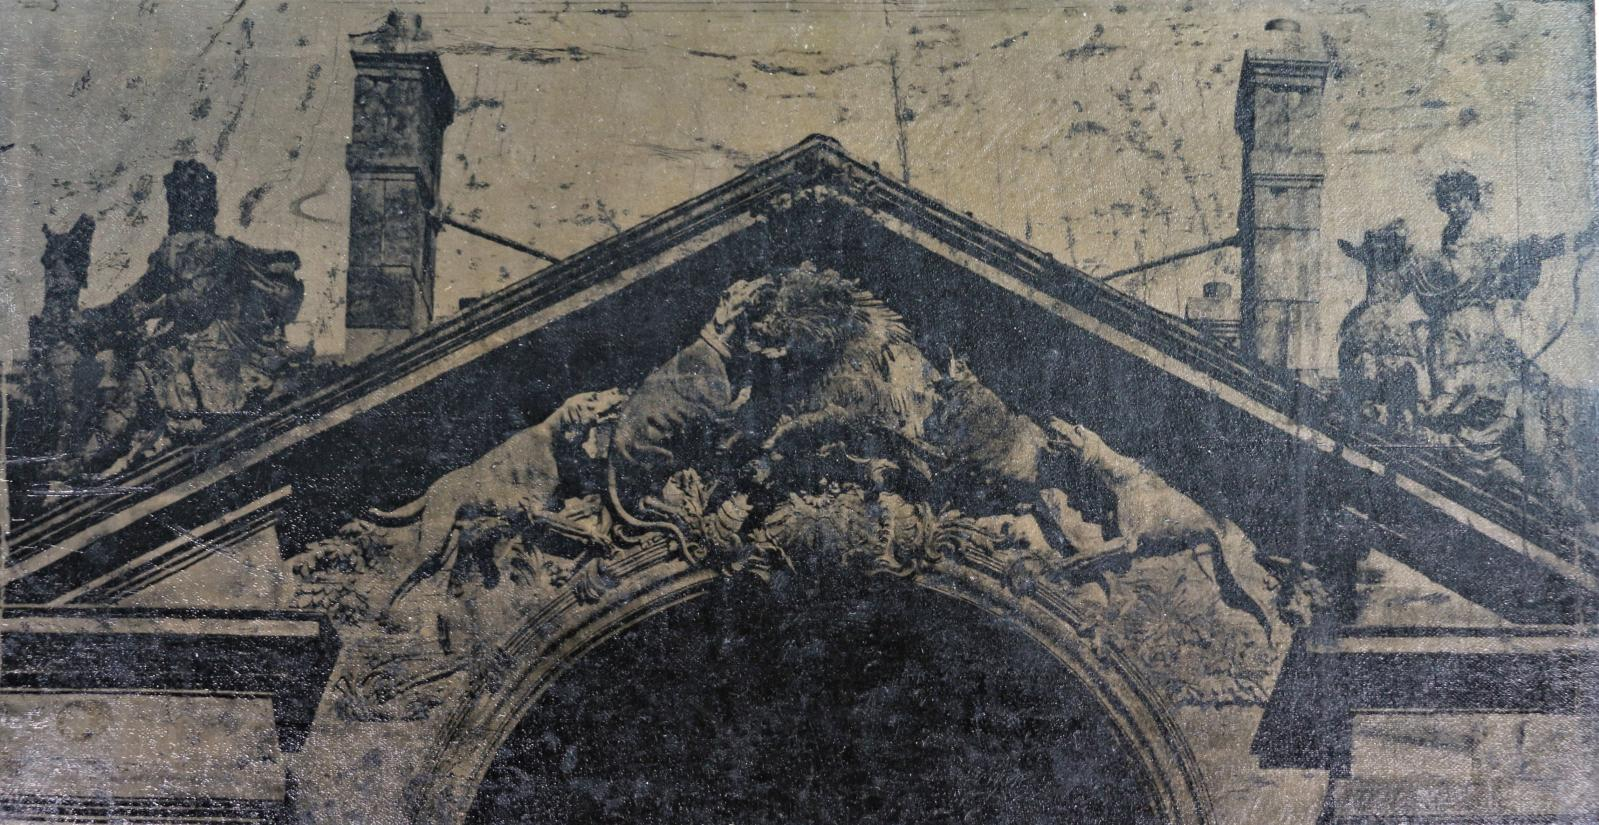 Auteur non identifié, Chasse au sanglier sur fronton, détail, panotype, 34,5x27cm. ©Christophe Dubois-Rubio